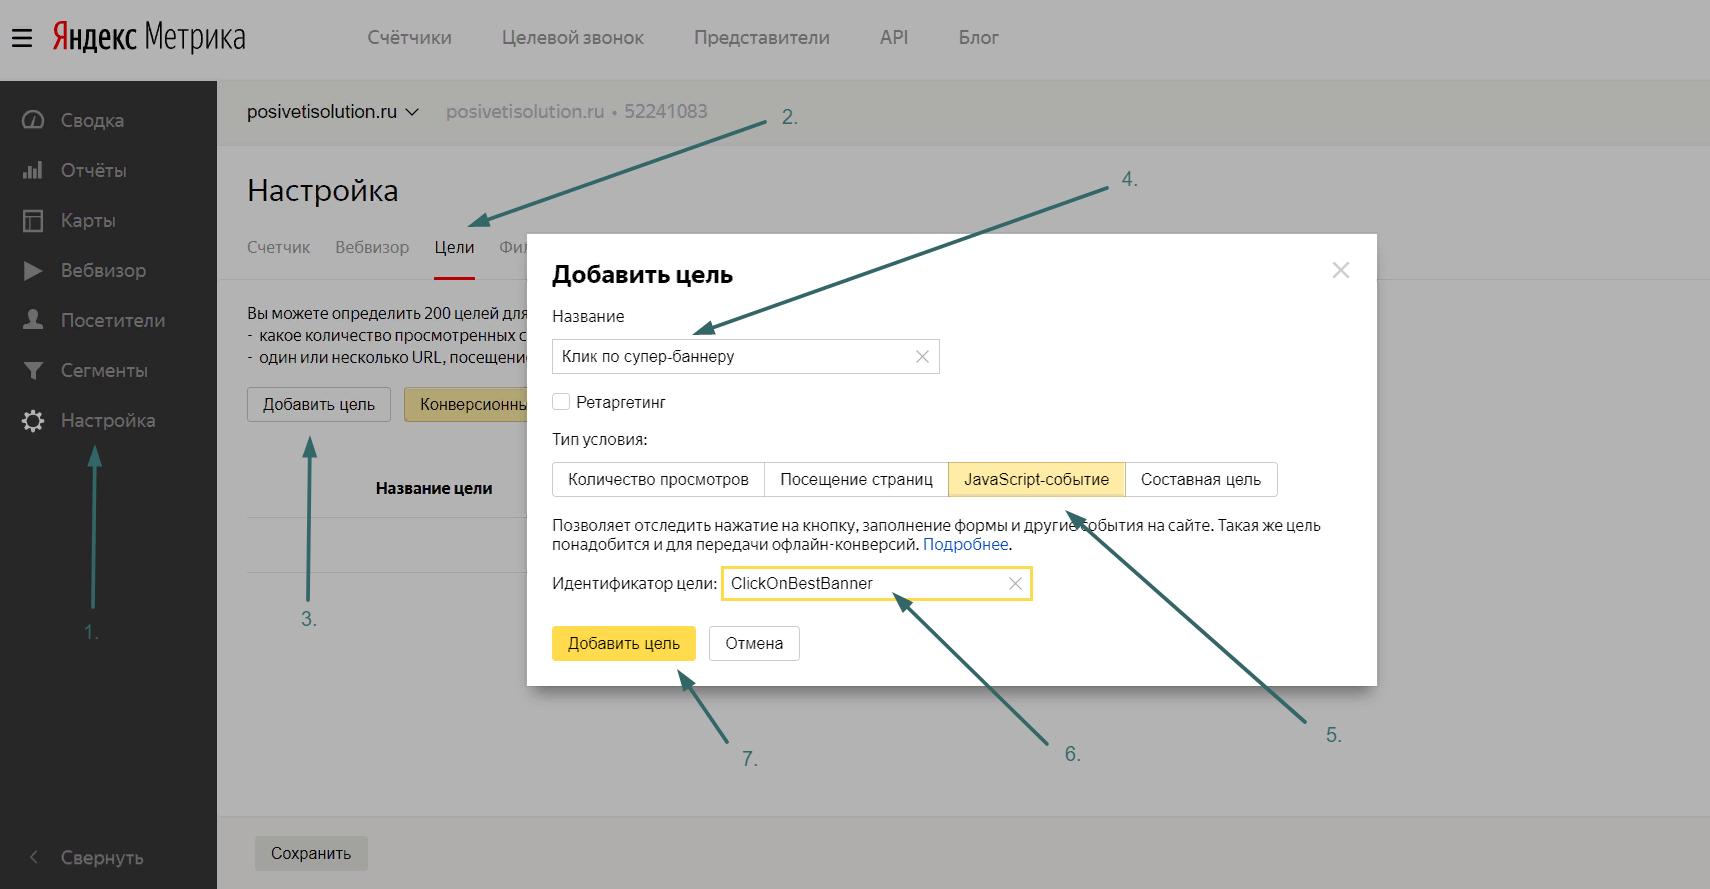 Настраиваем цель в Яндекс Метрике